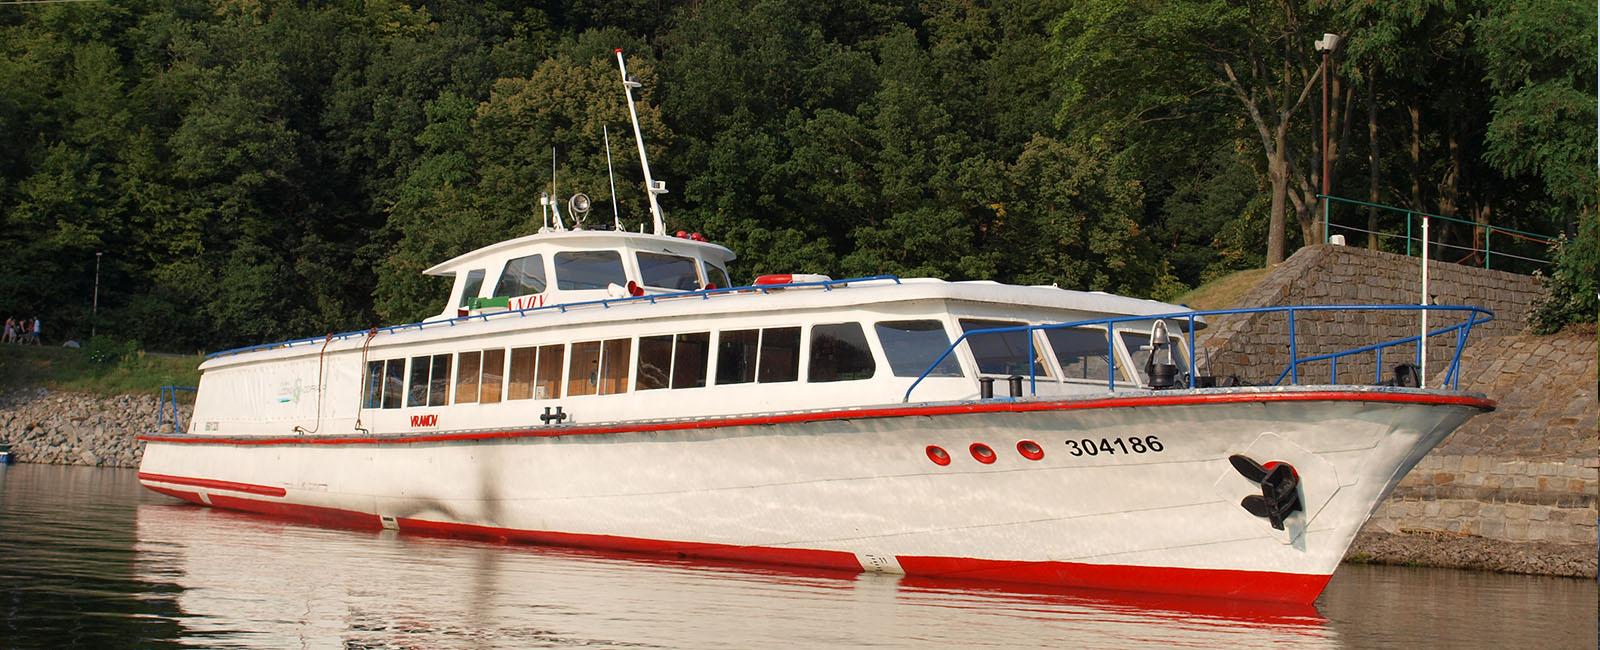 Plavby po Vranovské přehradě